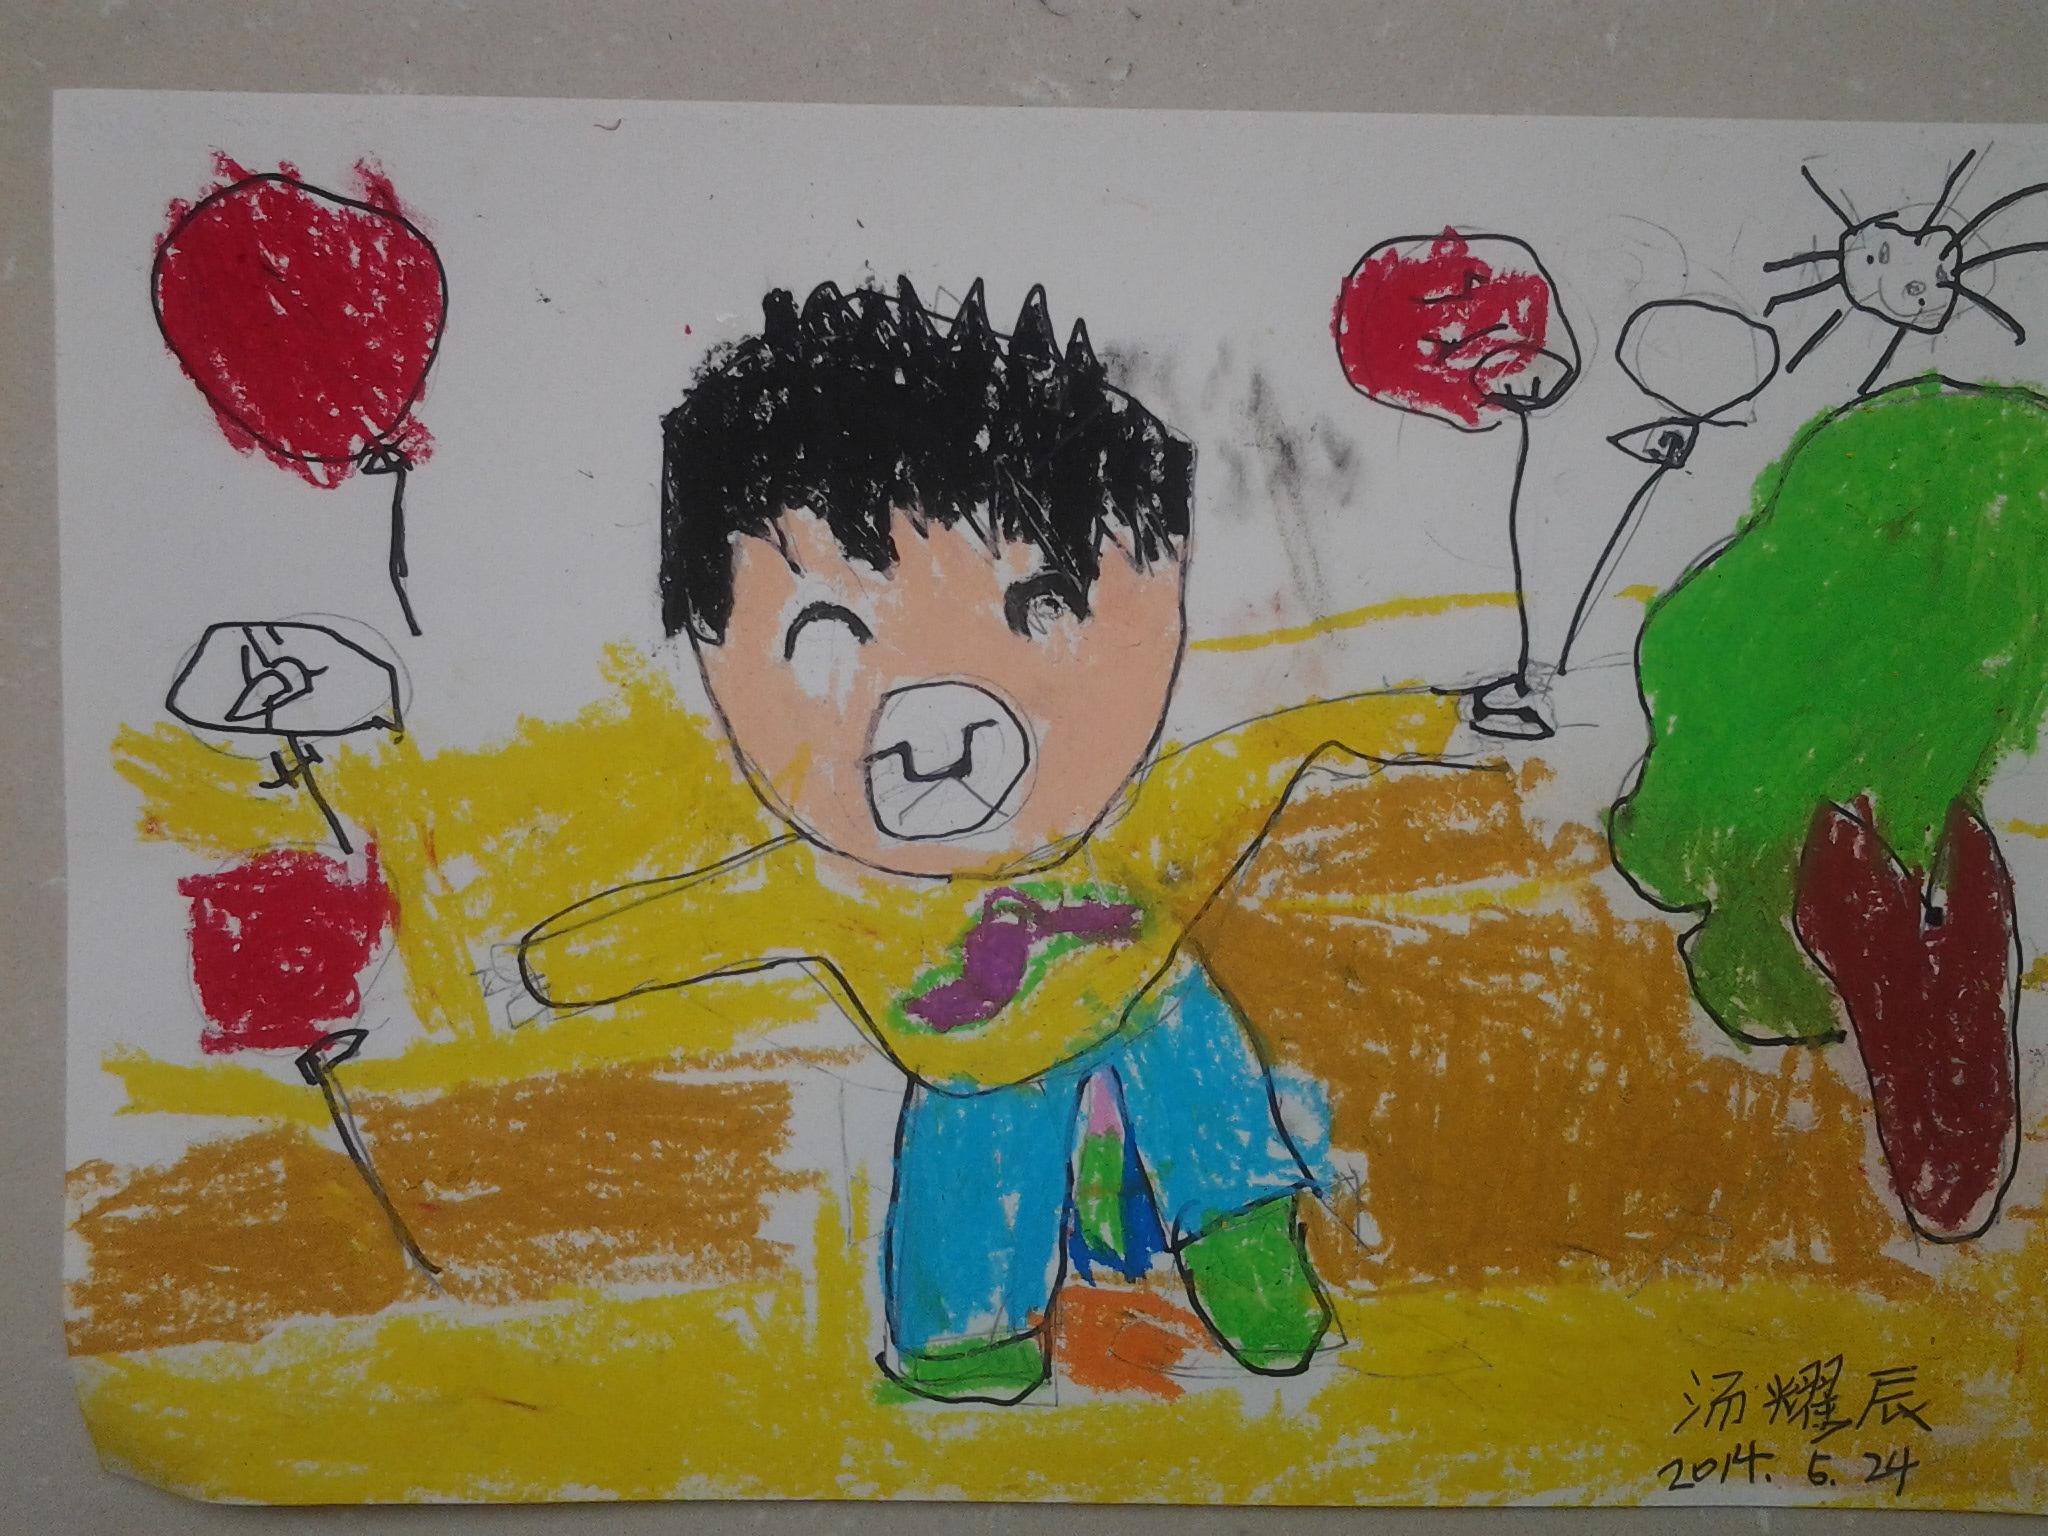 小男孩-蜡笔画图集图片_儿童蜡笔画_少儿图库_中国